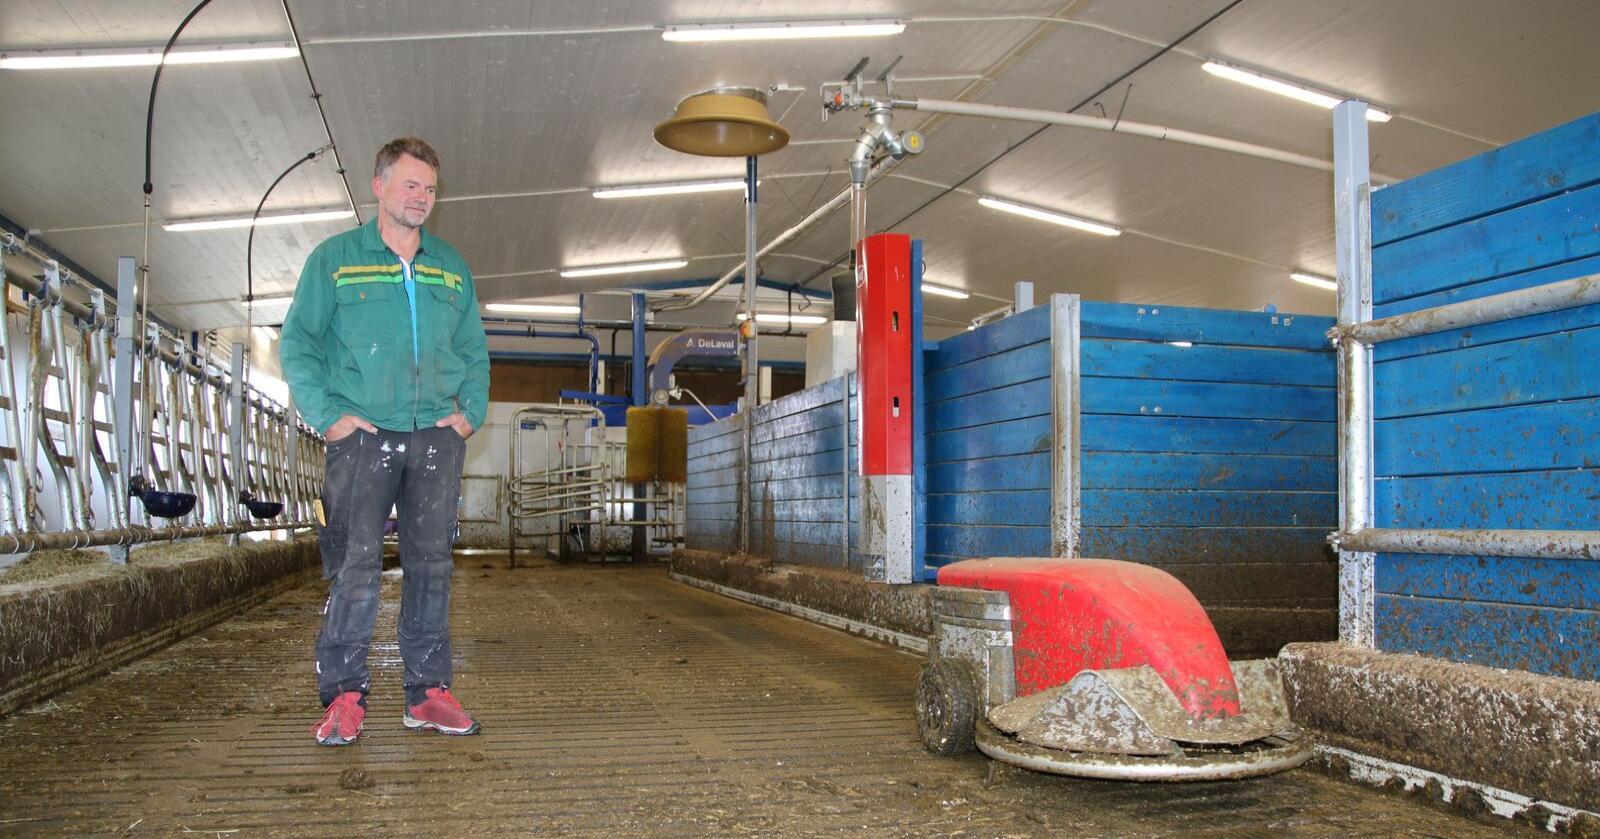 Leif Sverre prøvde å drifte det nye fjøset uten skraperobot i tre uker, før han måtte kjøpe en slik: - Det er et must med skraperobot og velferdsavdeling når man investerer i løsdrift, sier Leif Sverre.